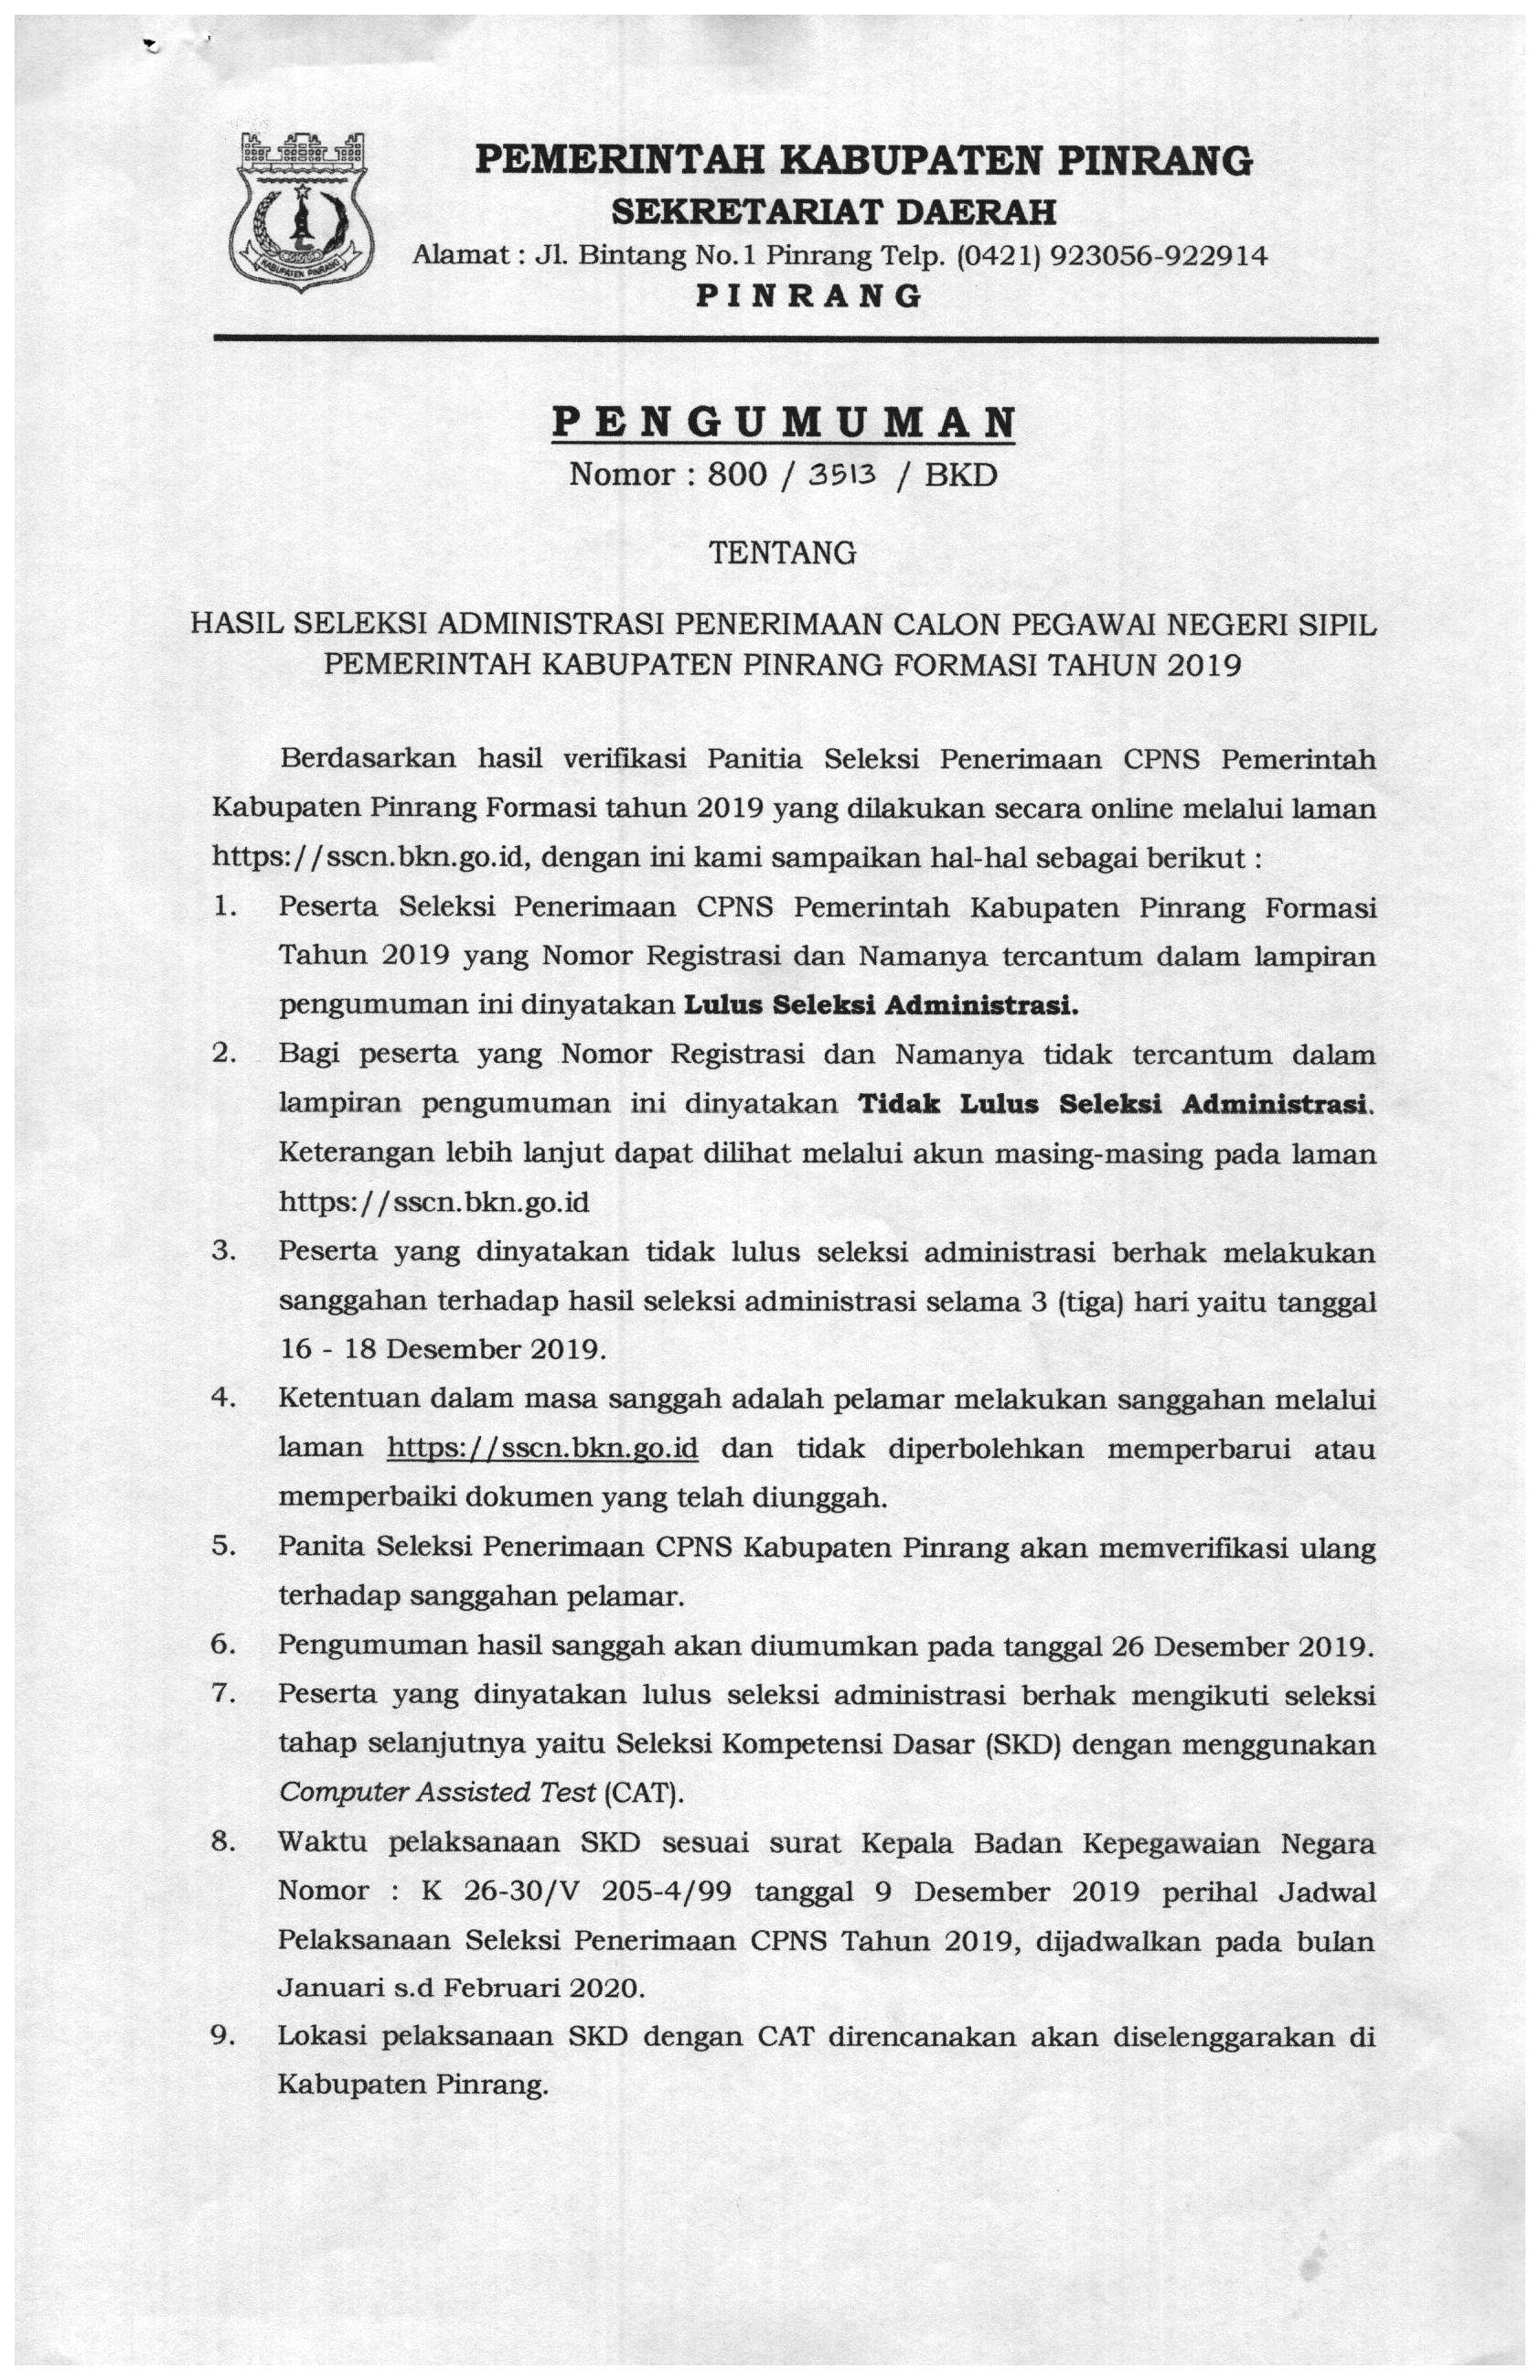 Pengumuman Hasil Seleksi Administrasi Penerimaan CPNS Pemerintah Kabupaten Pinrang Formasi Tahun 2019